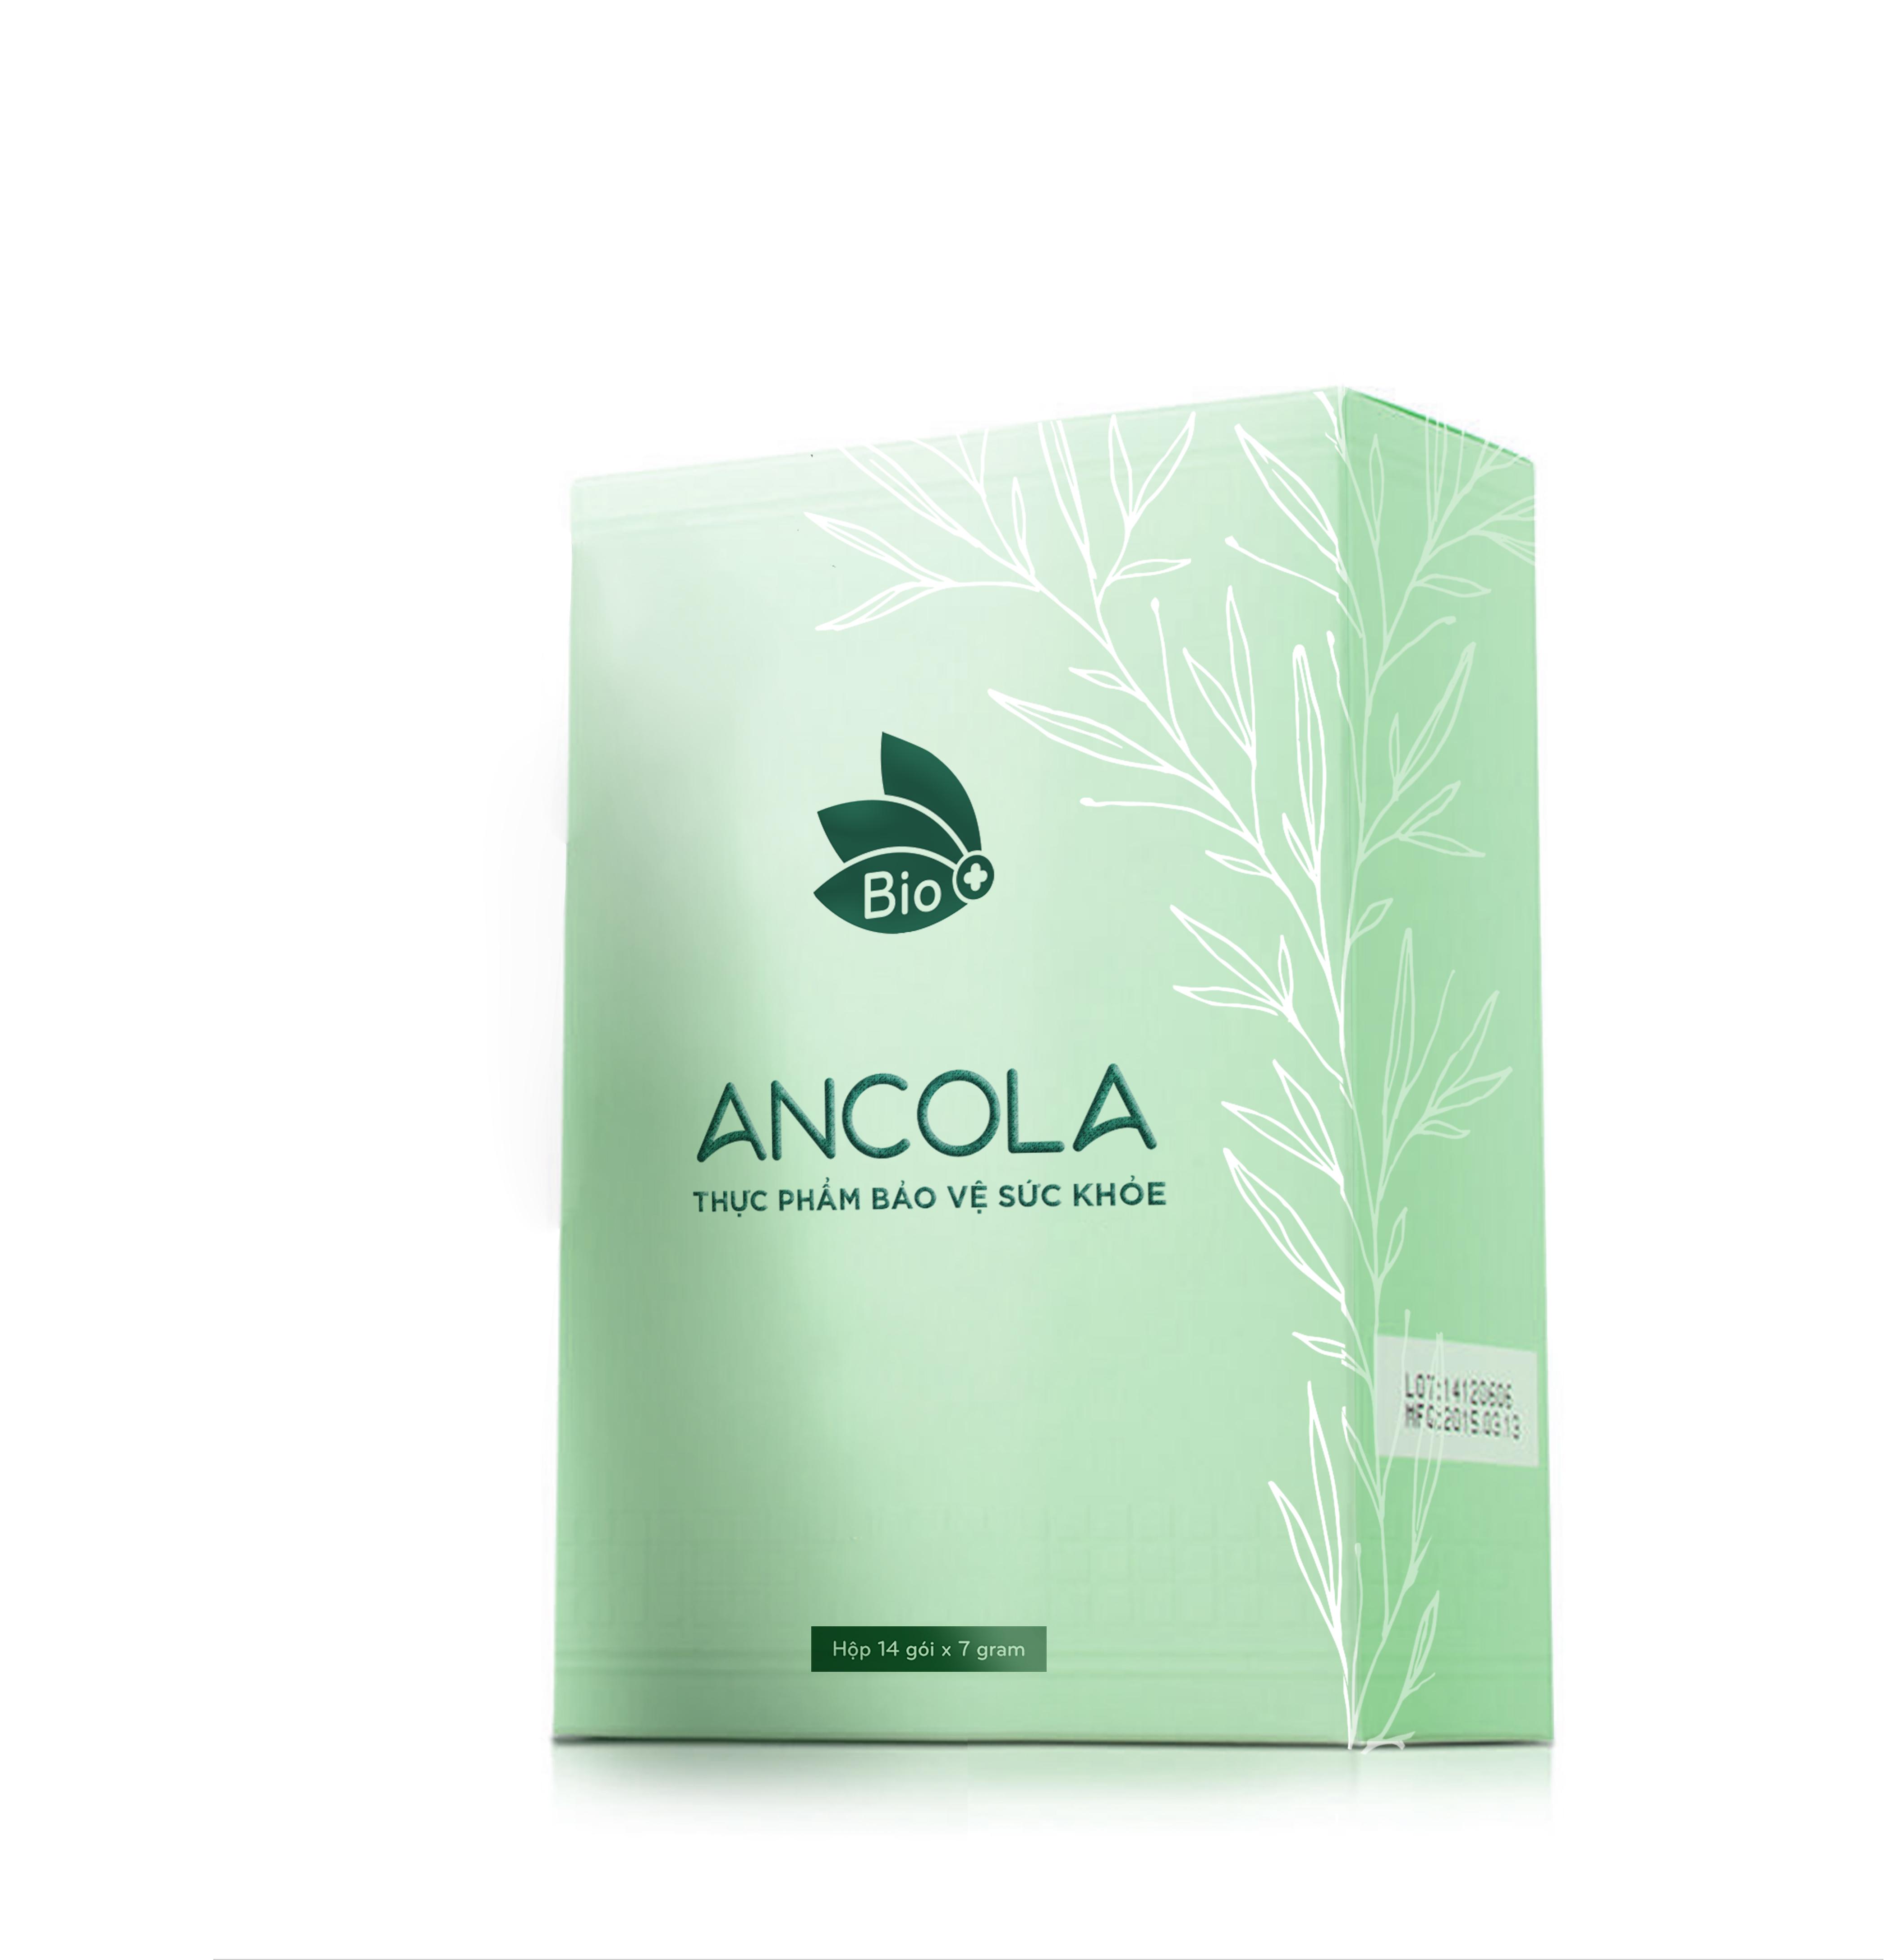 Thực phẩm chức năng bổ sung collagen dạng bột – ANCOLA (hộp 14 gói x 7g)